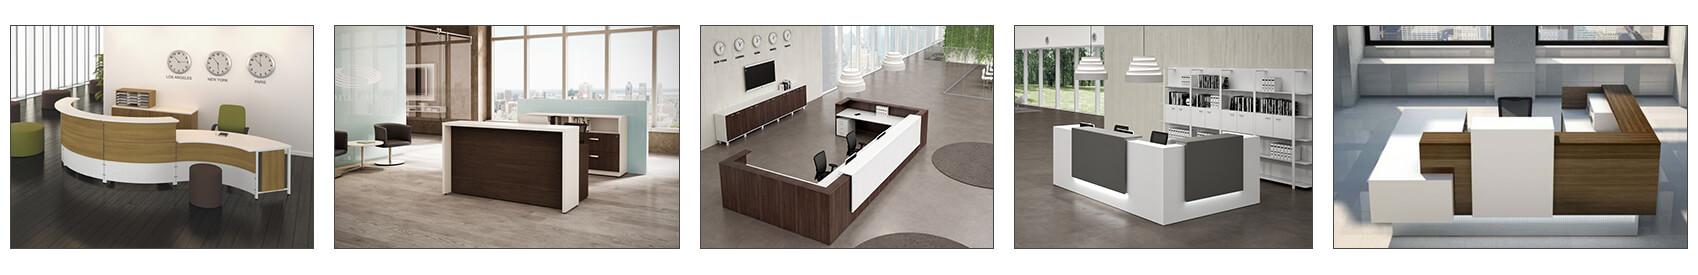 Réception, mobilier de bureaux